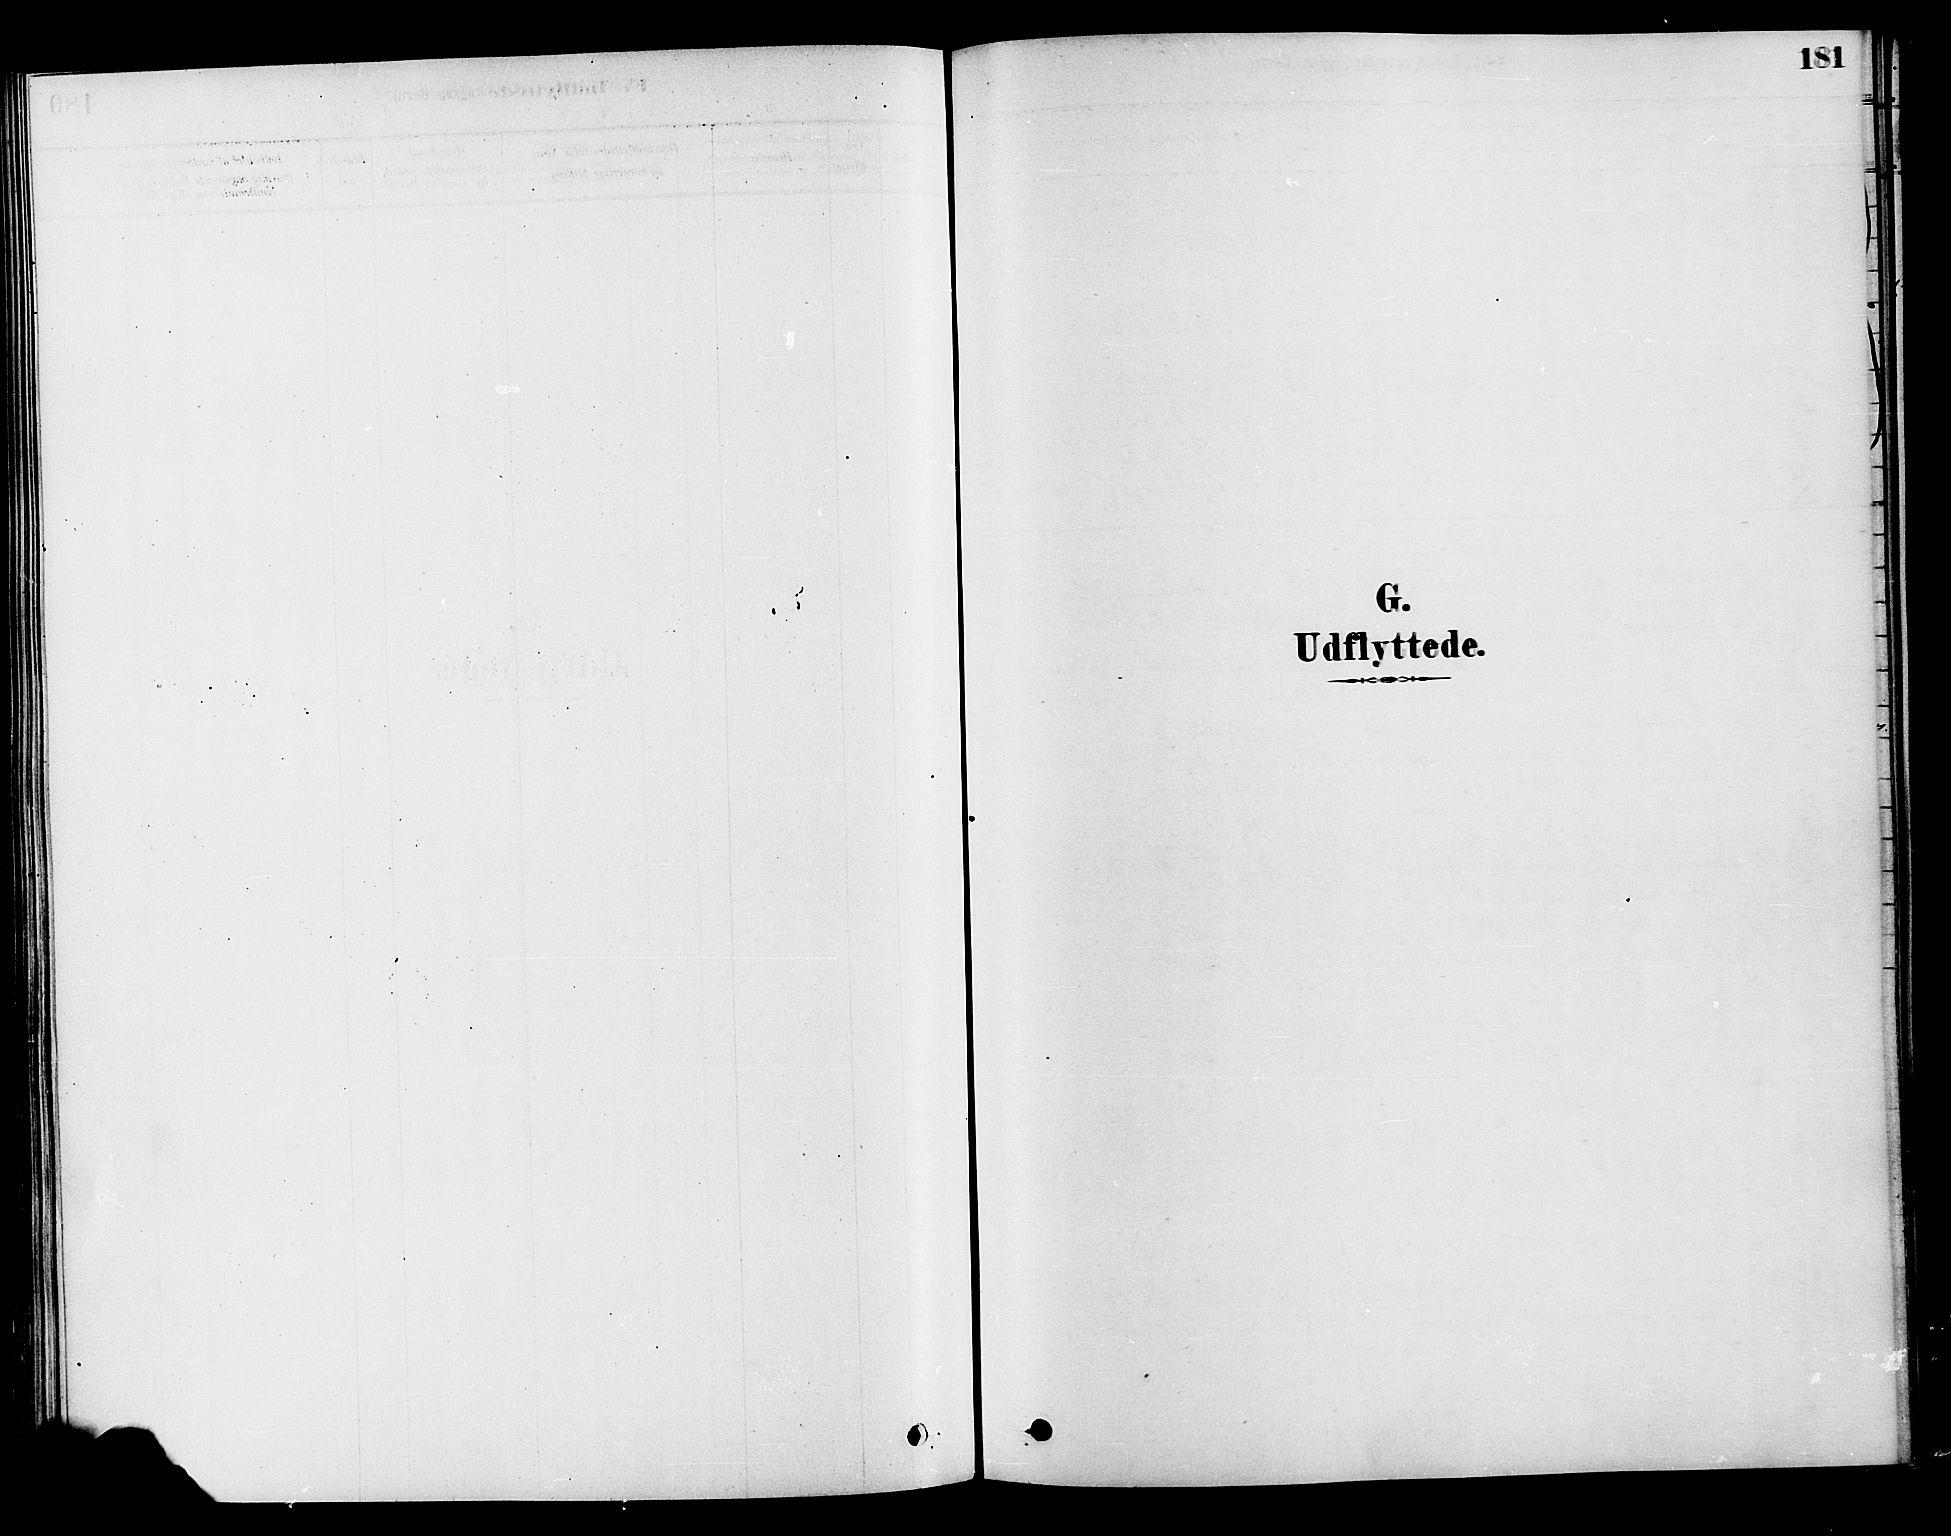 SAH, Søndre Land prestekontor, K/L0002: Ministerialbok nr. 2, 1878-1894, s. 181